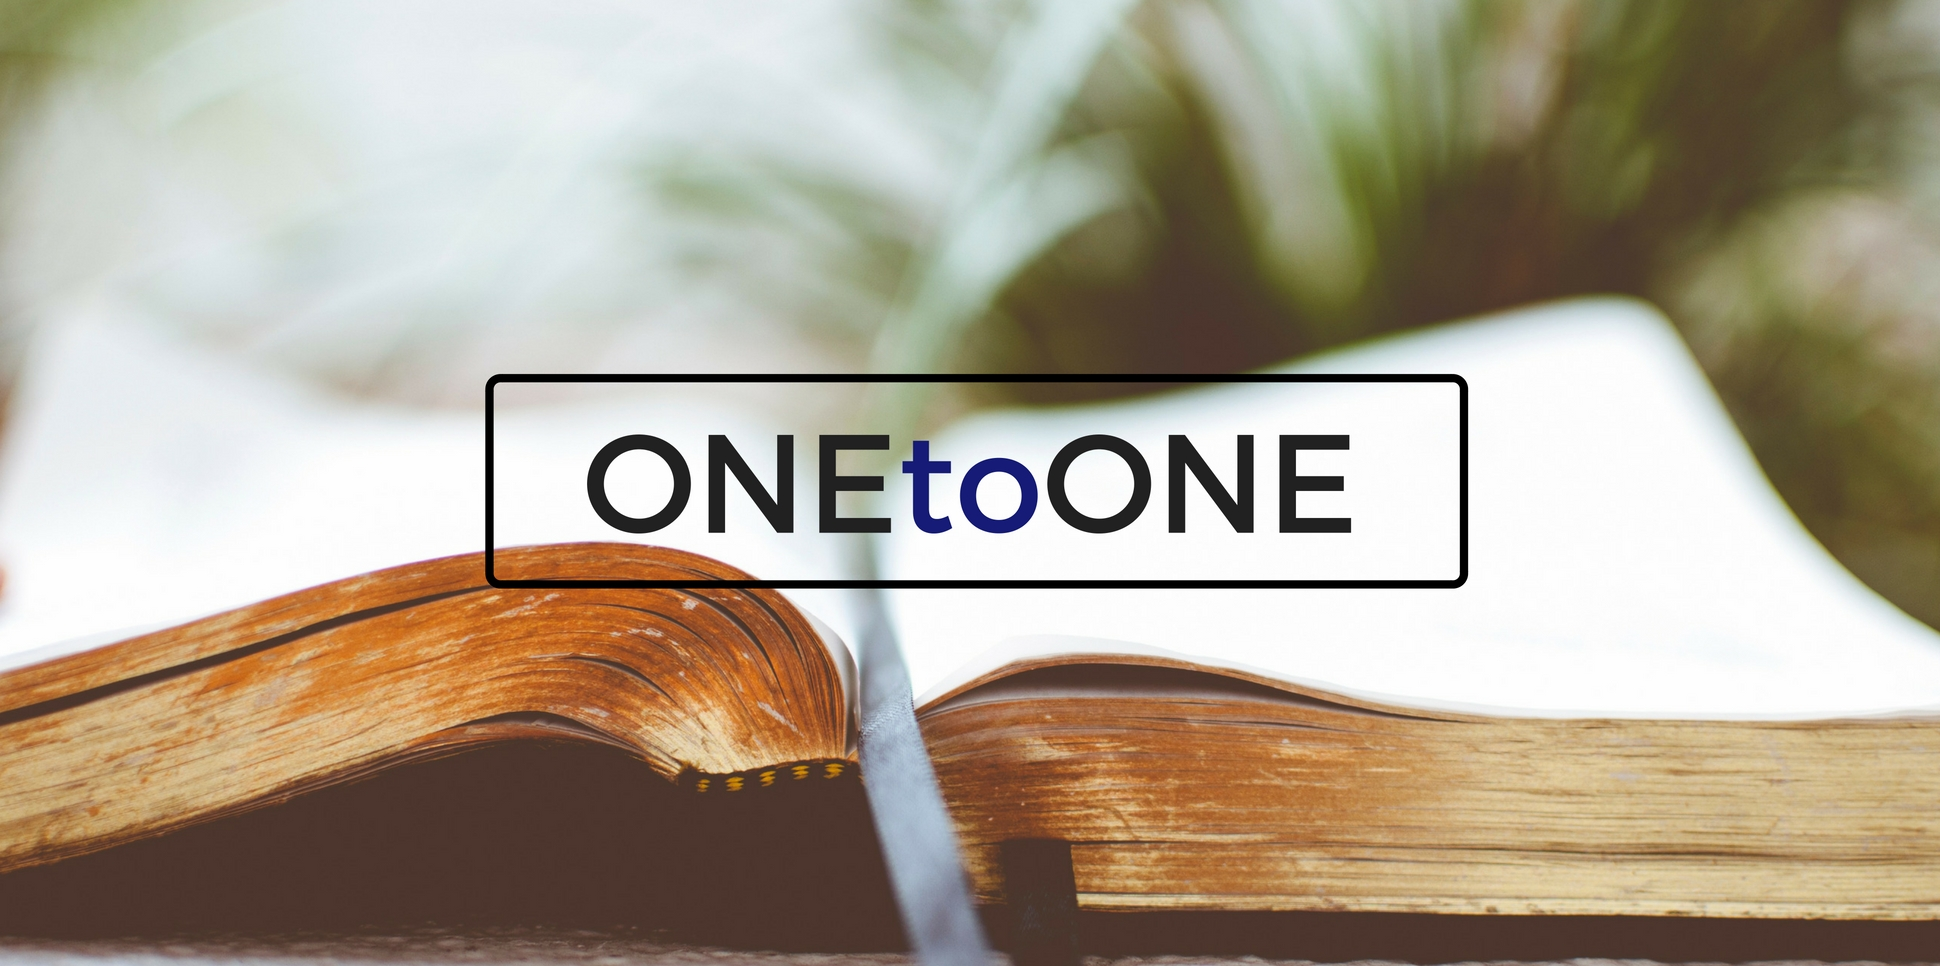 onetoone-website-high-res